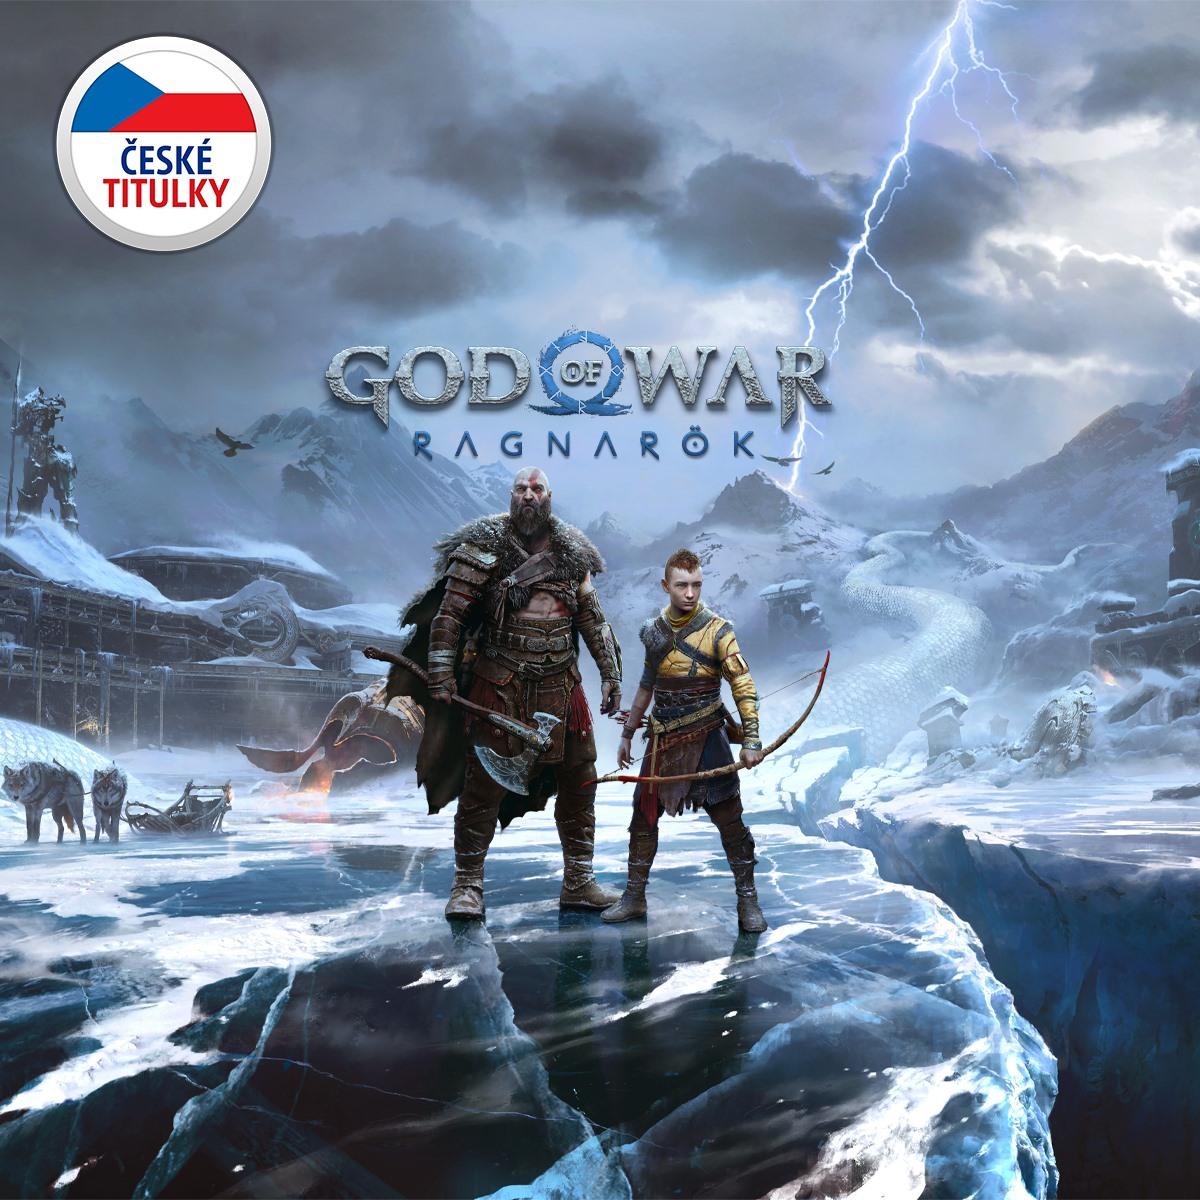 God of War Ragnarök nabídne českou lokalizaci GoW Ragnarok